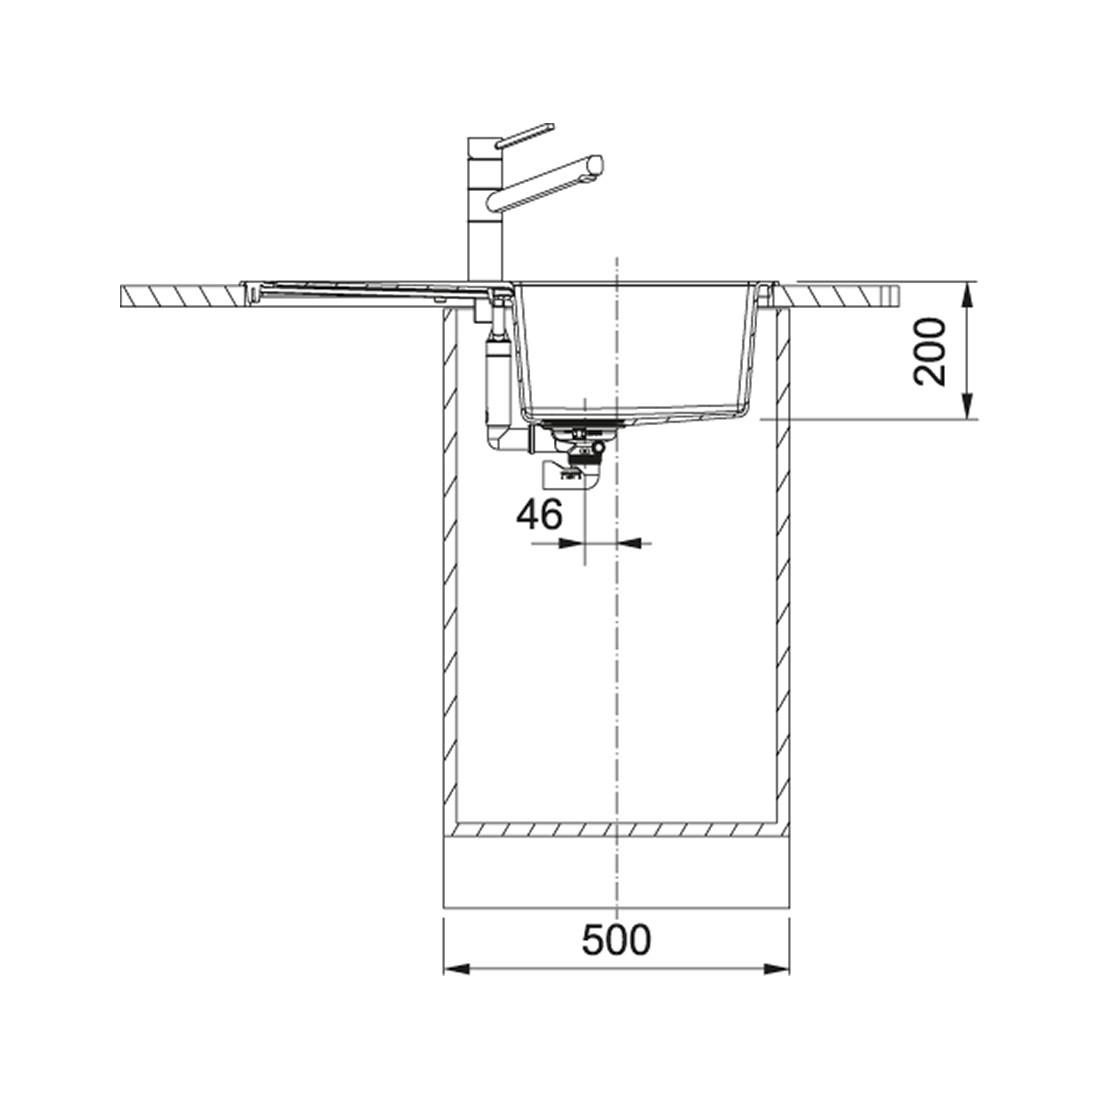 Tectonite plautuvė Franke, Sirius S2D 611-78 su ekscentriniu ventiliu, Titanium